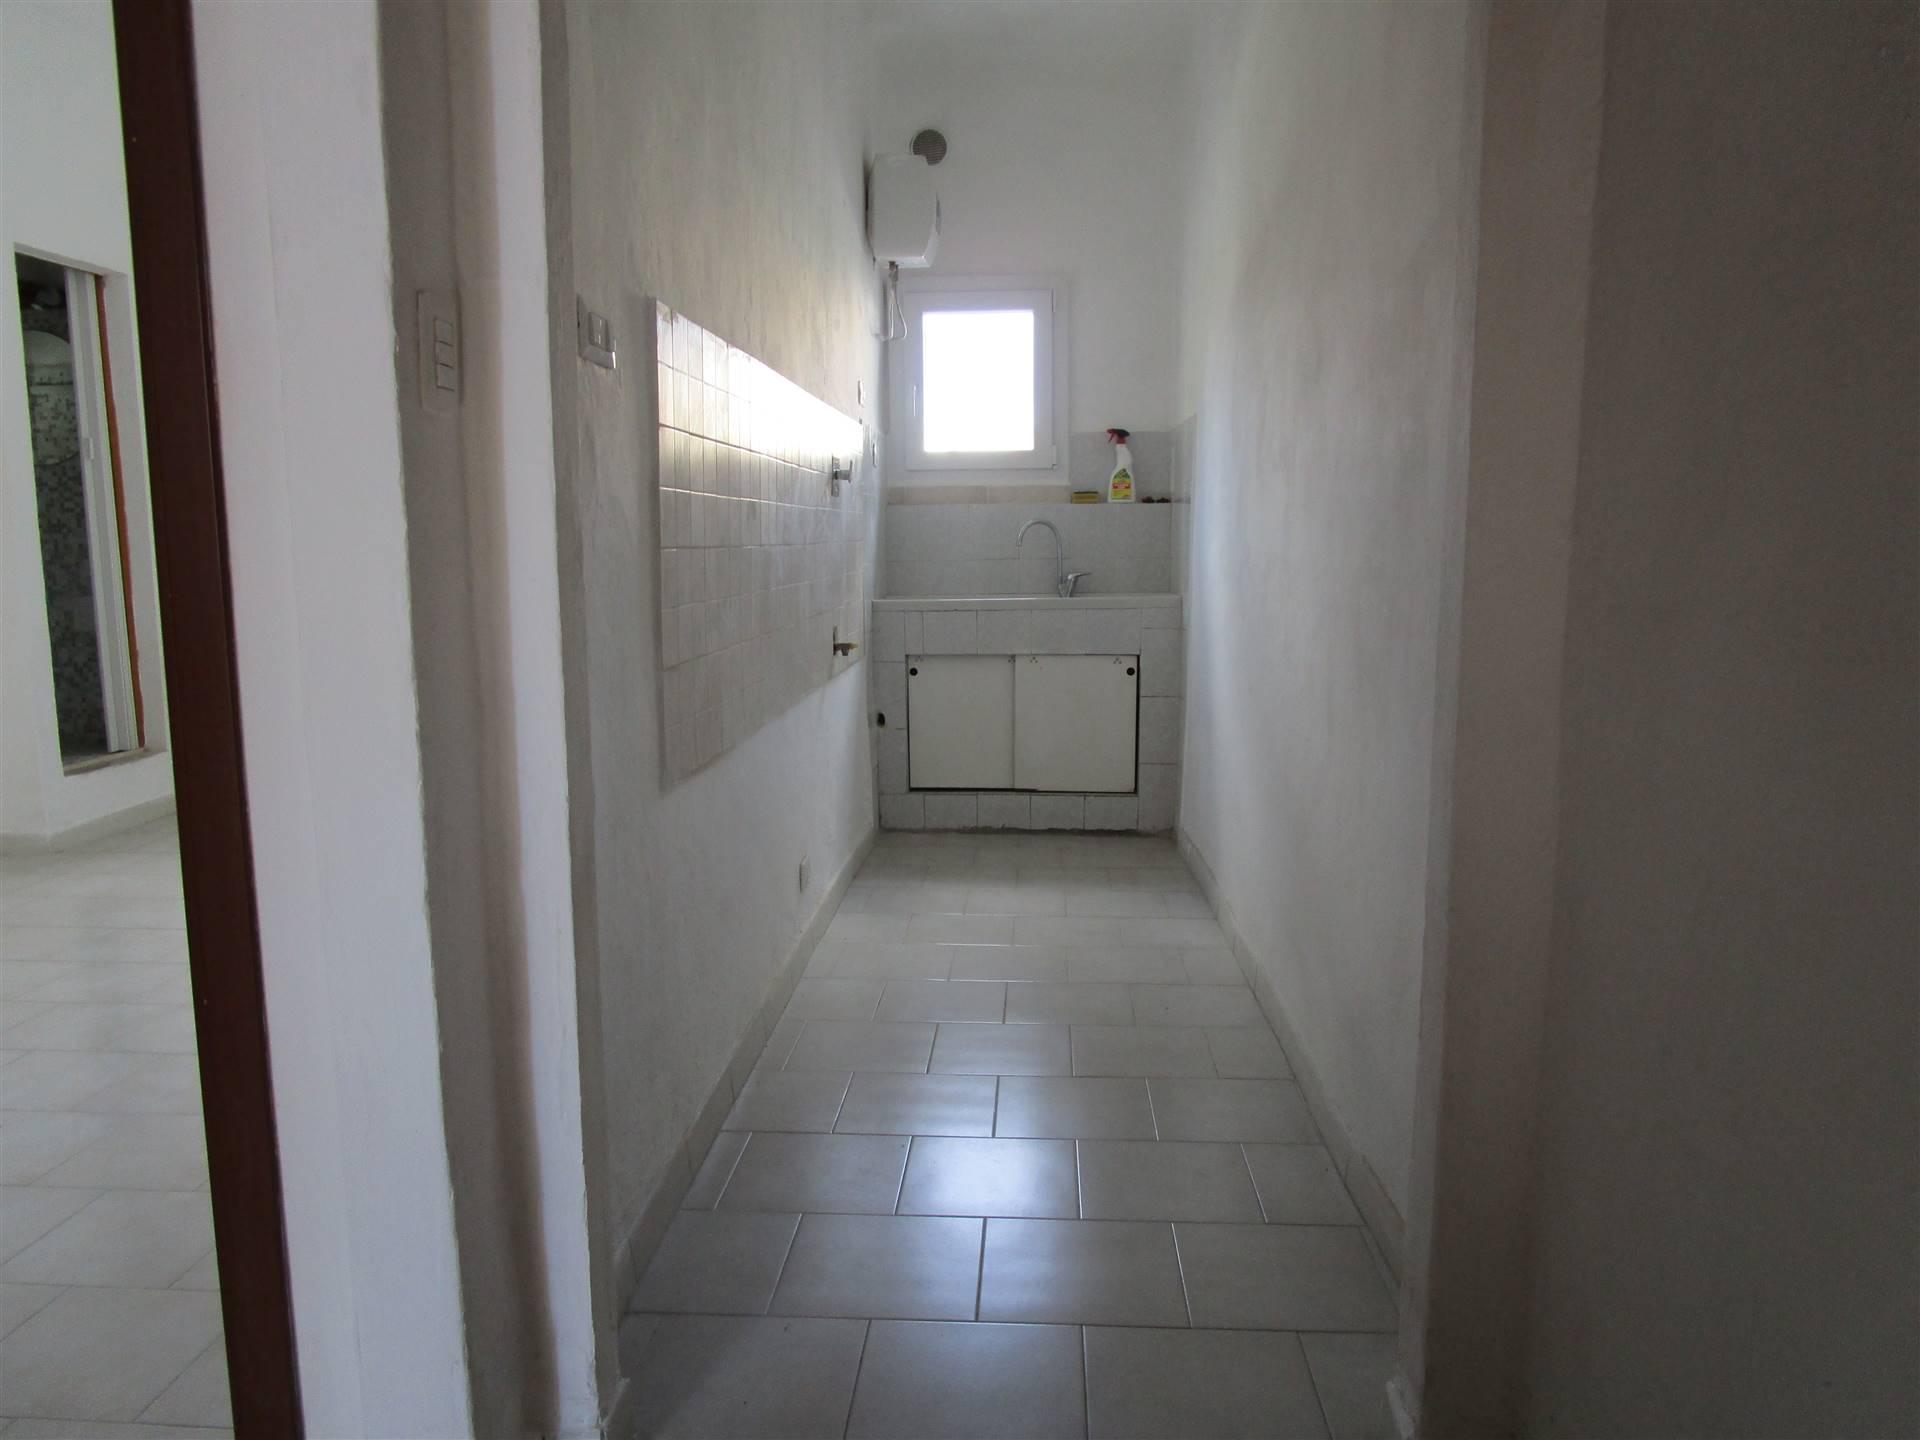 Appartamento in Vendita a Campi bisenzio zona San lorenzo - immagine 2